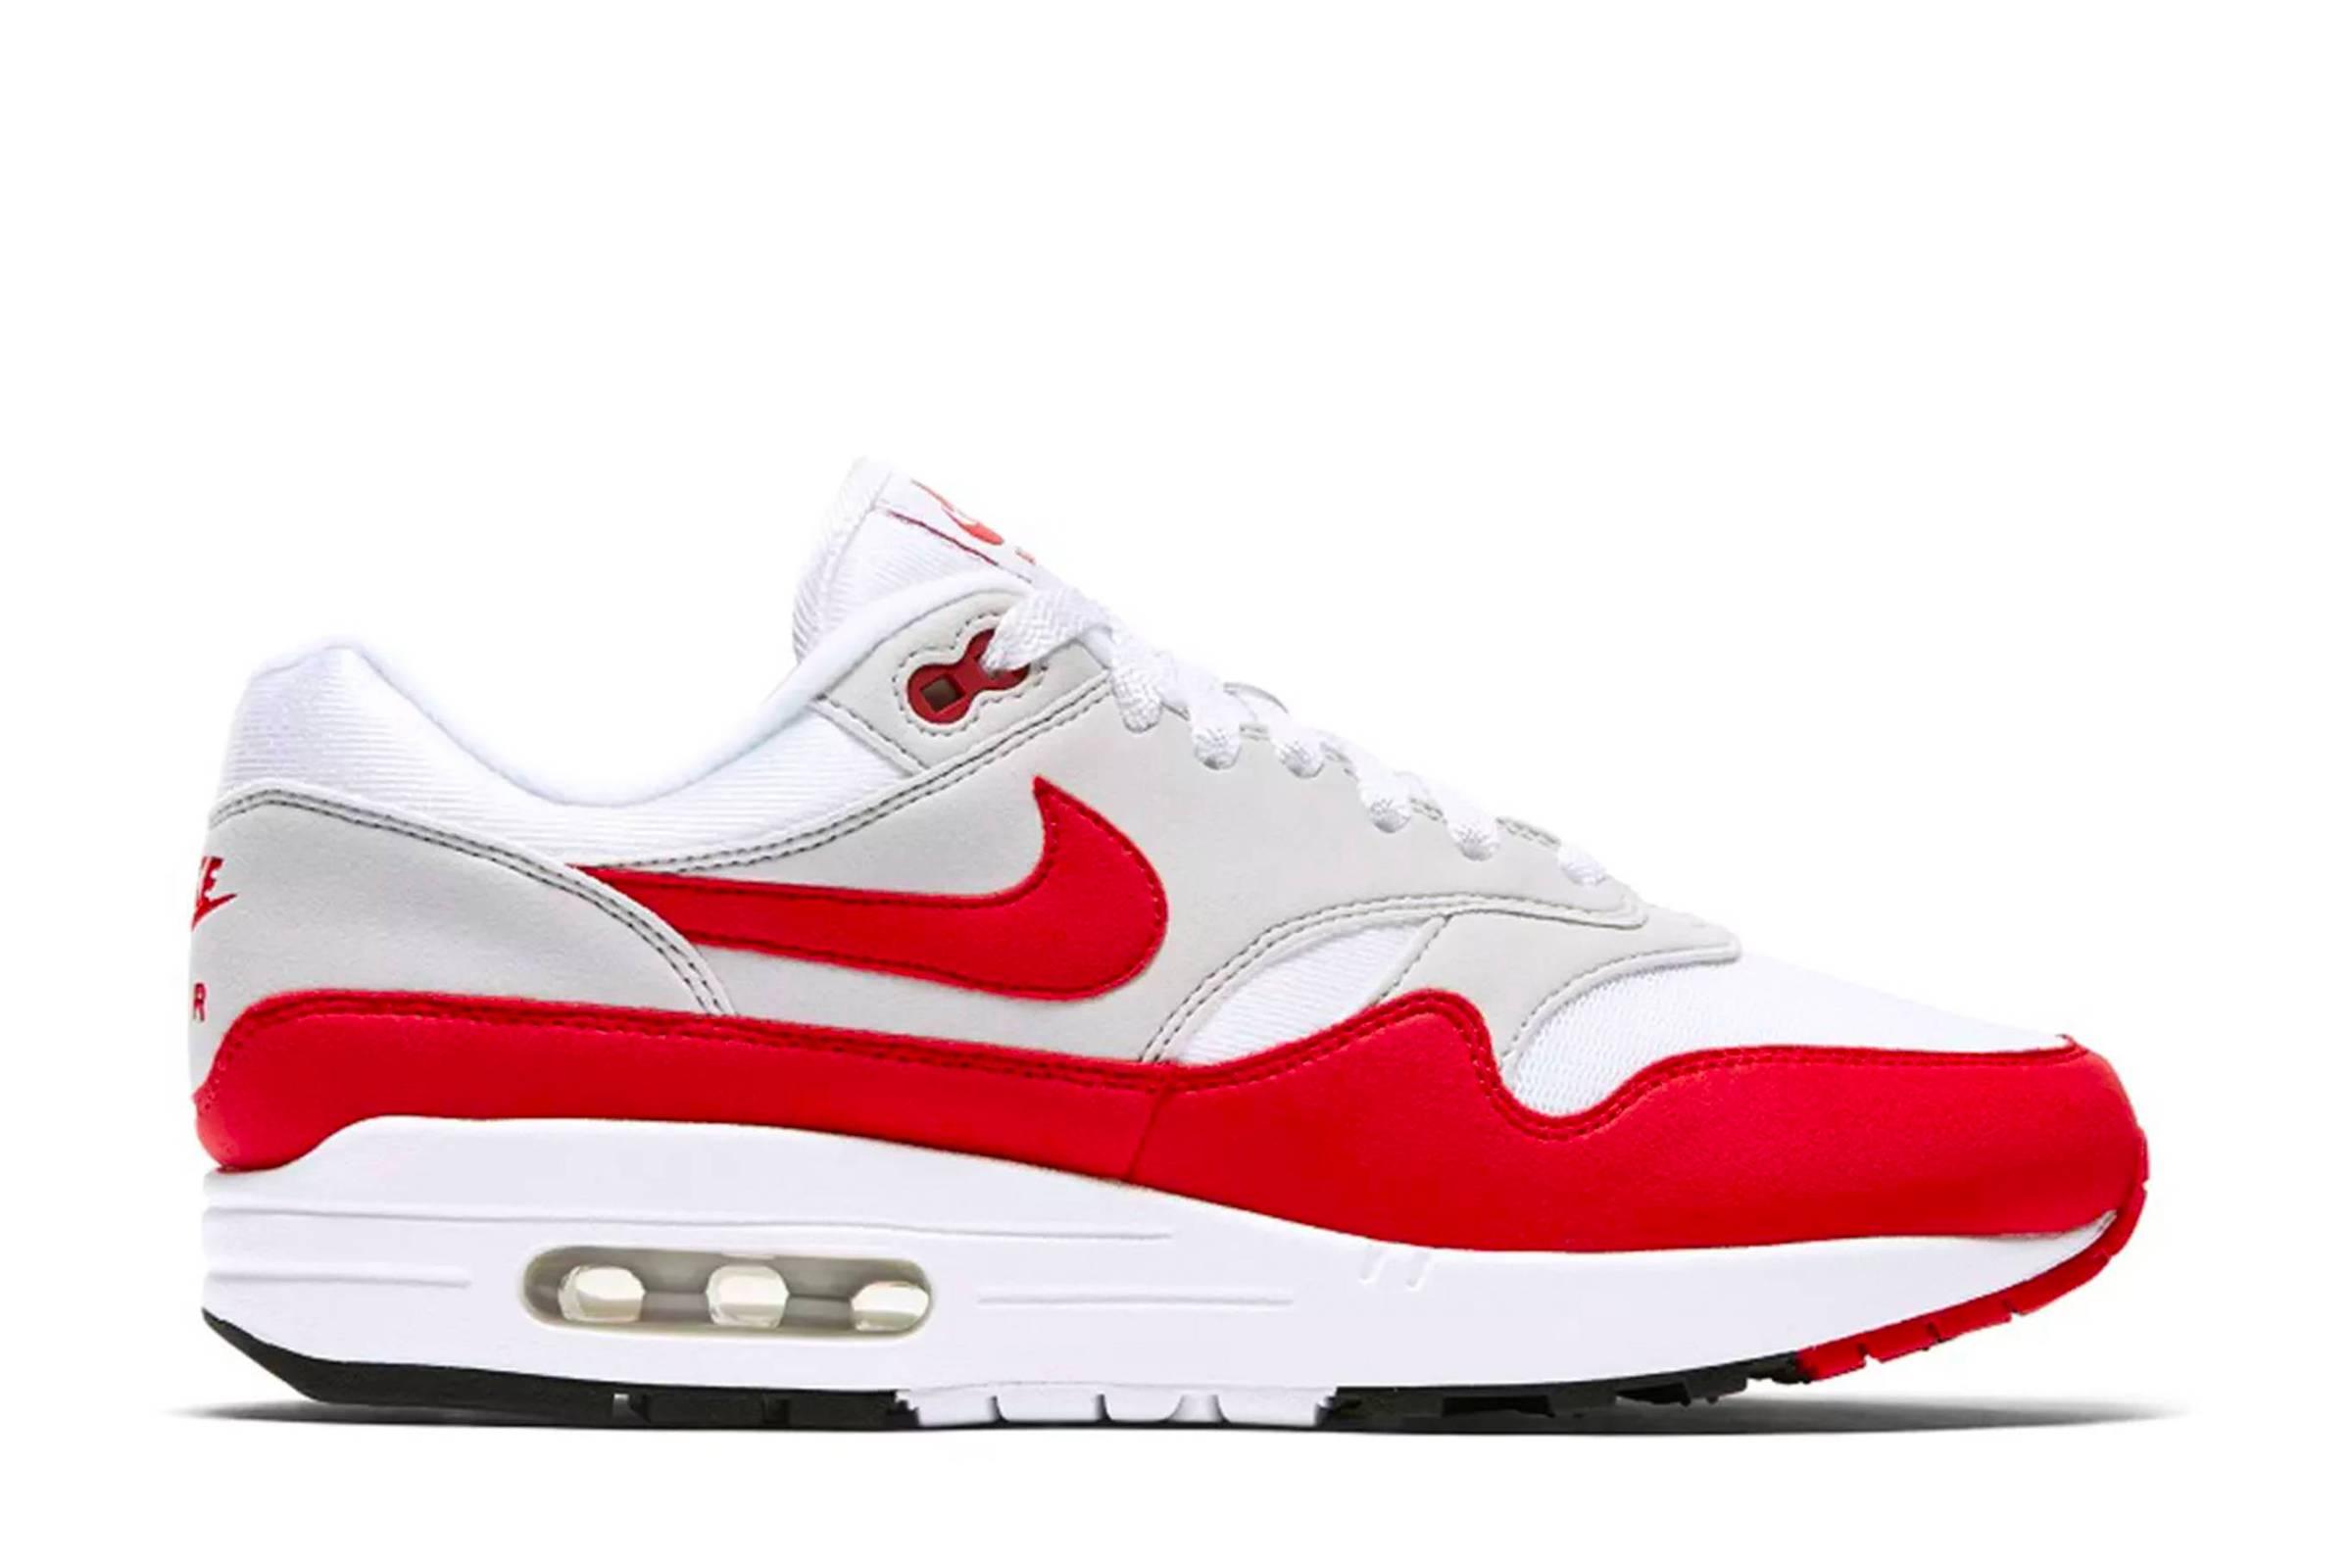 3. Nike Air Max 1